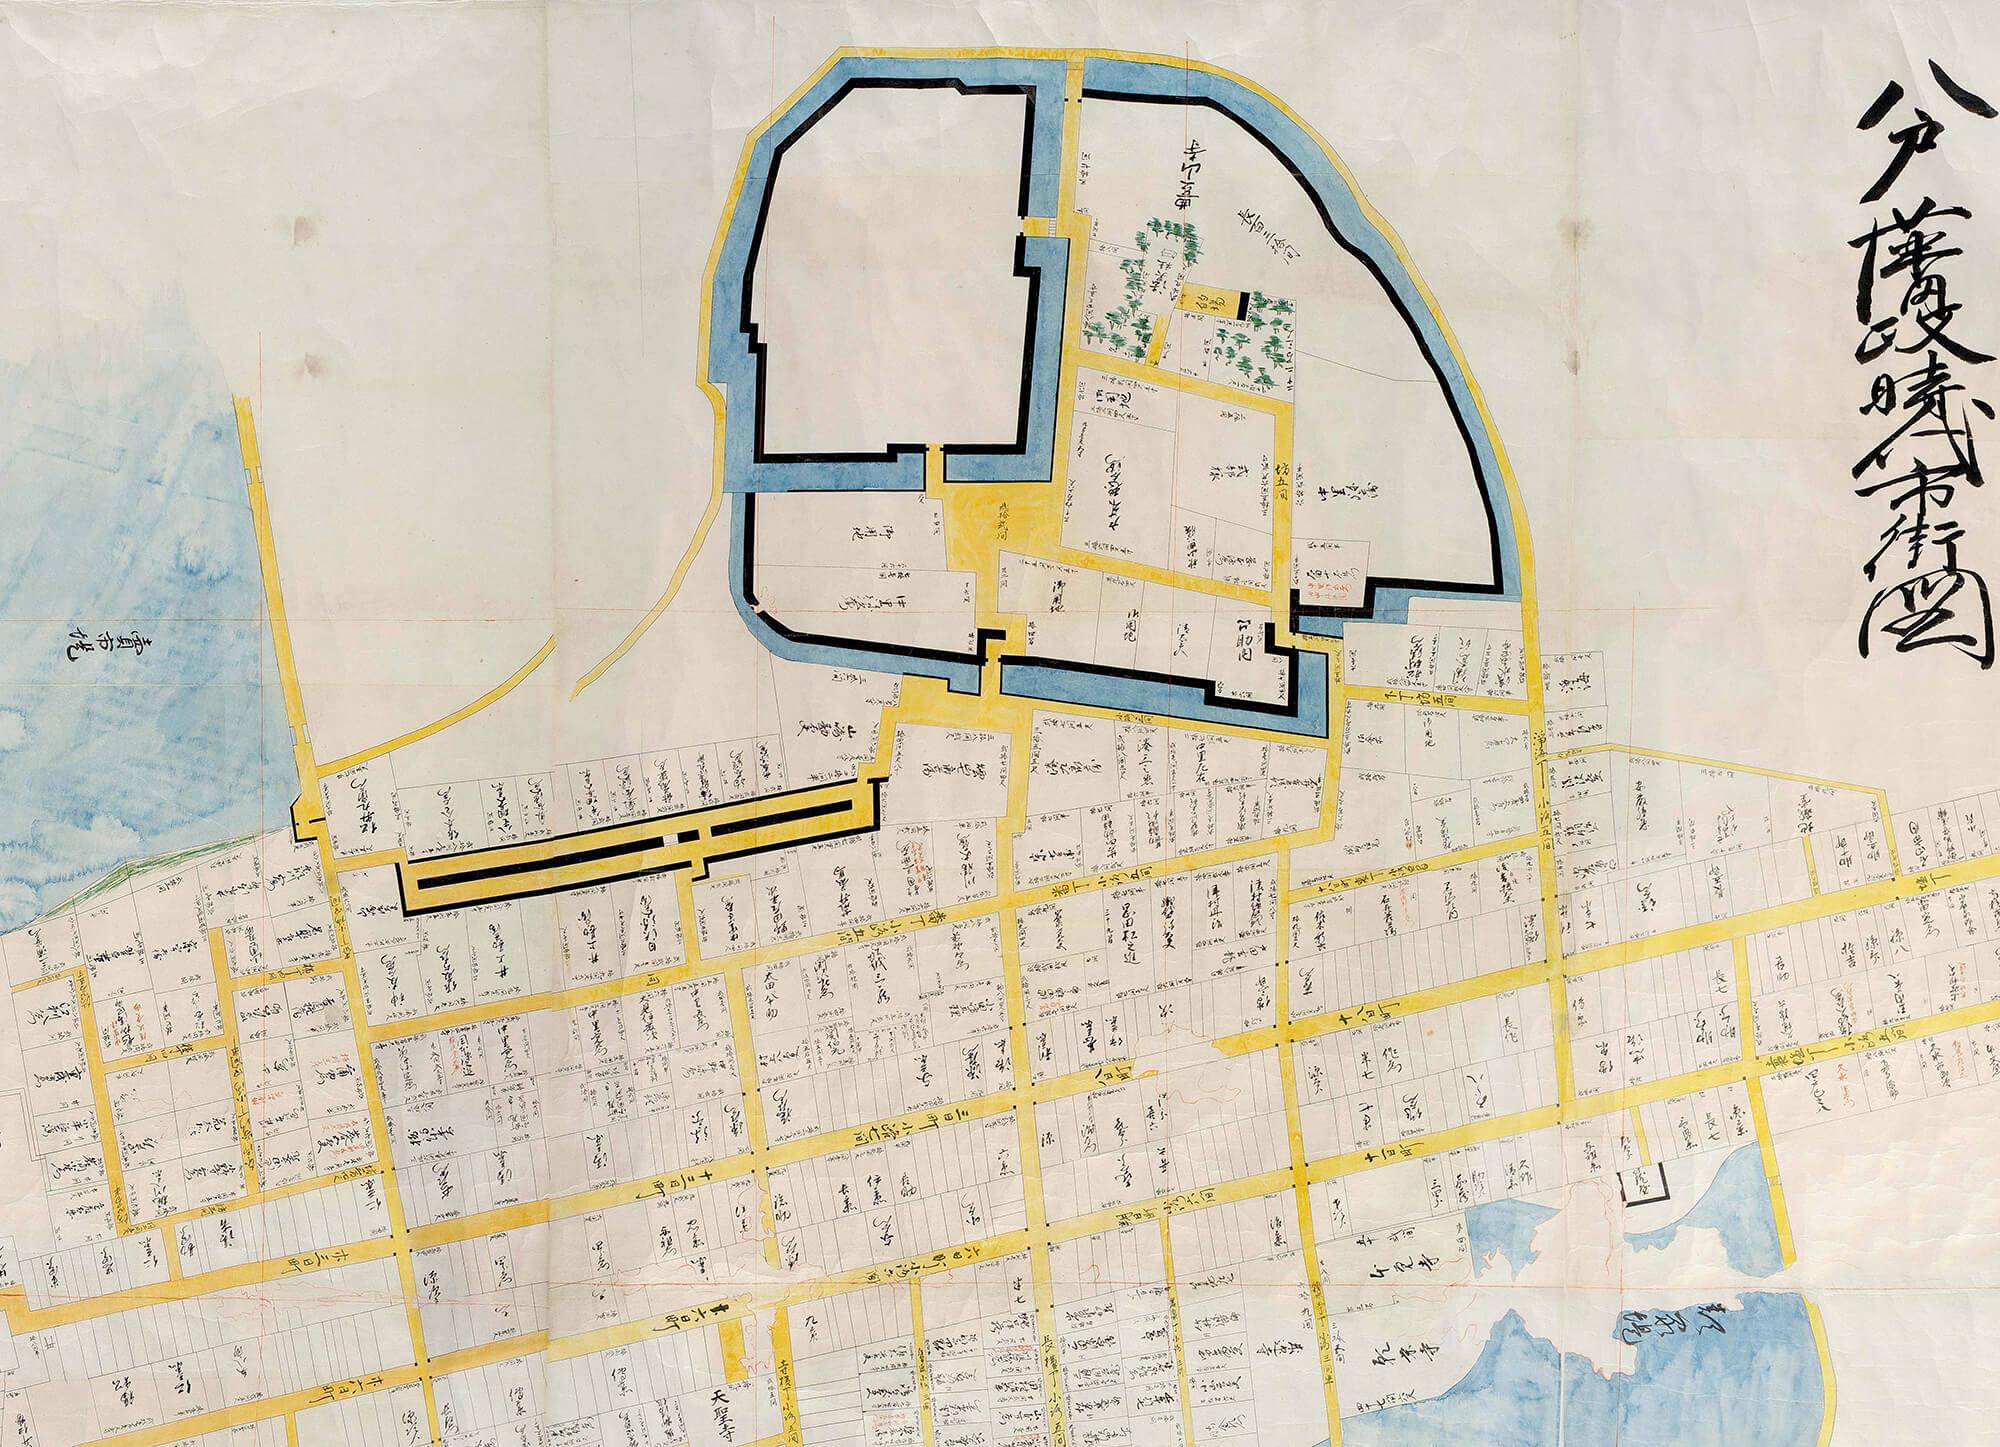 八戸藩政時代市街図 八戸市立図書館蔵